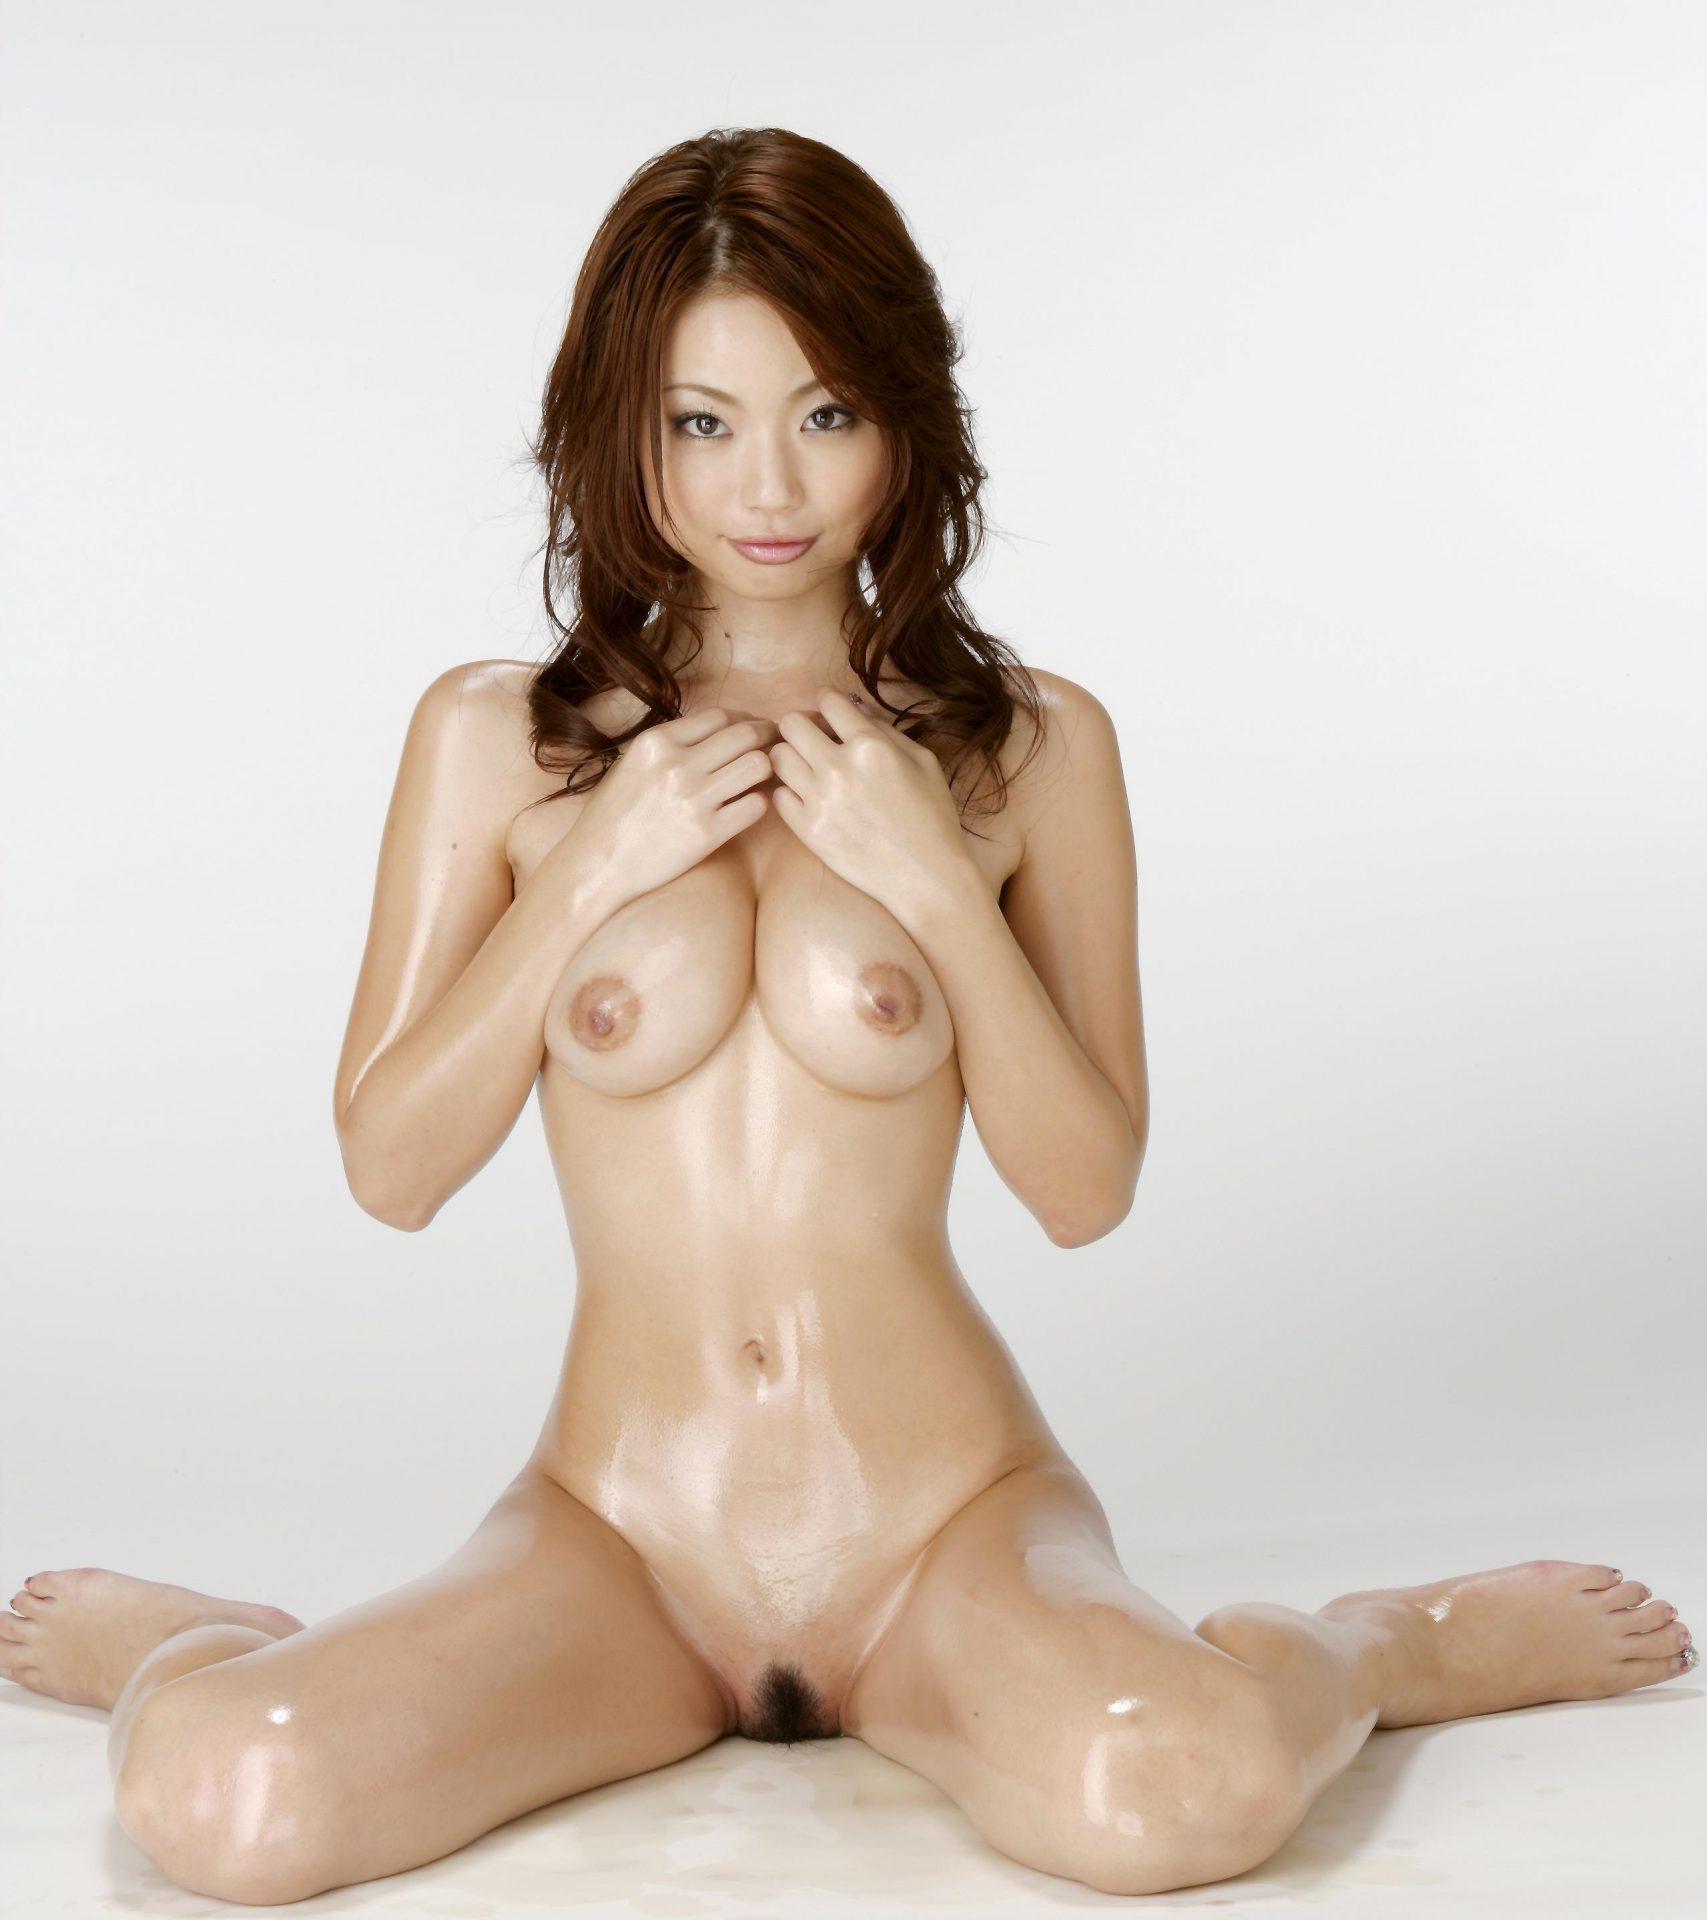 三次元 3次元 エロ画像 AV女優 かすみりさ ヌード べっぴん娘通信 068